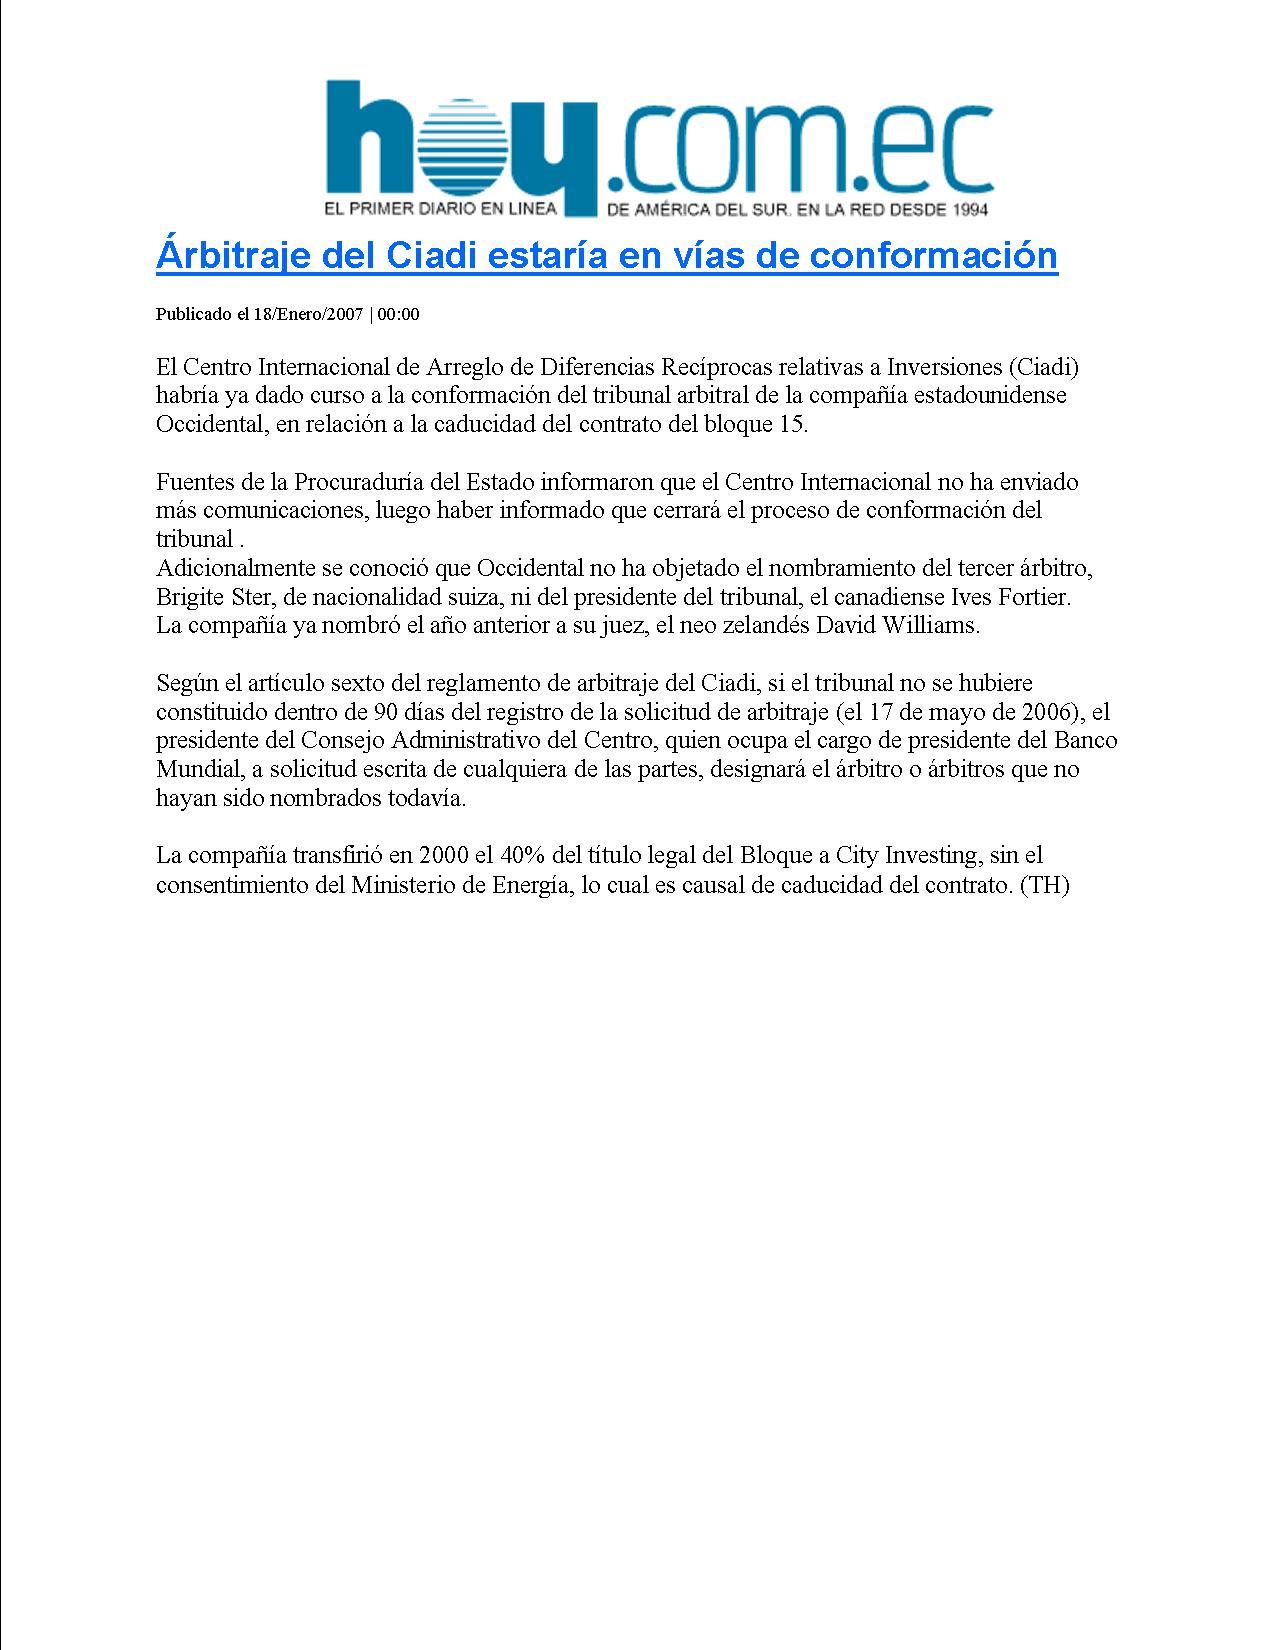 11-HOY 18-01-2007 arbitraje del Ciadi estaria en vias de conformacion